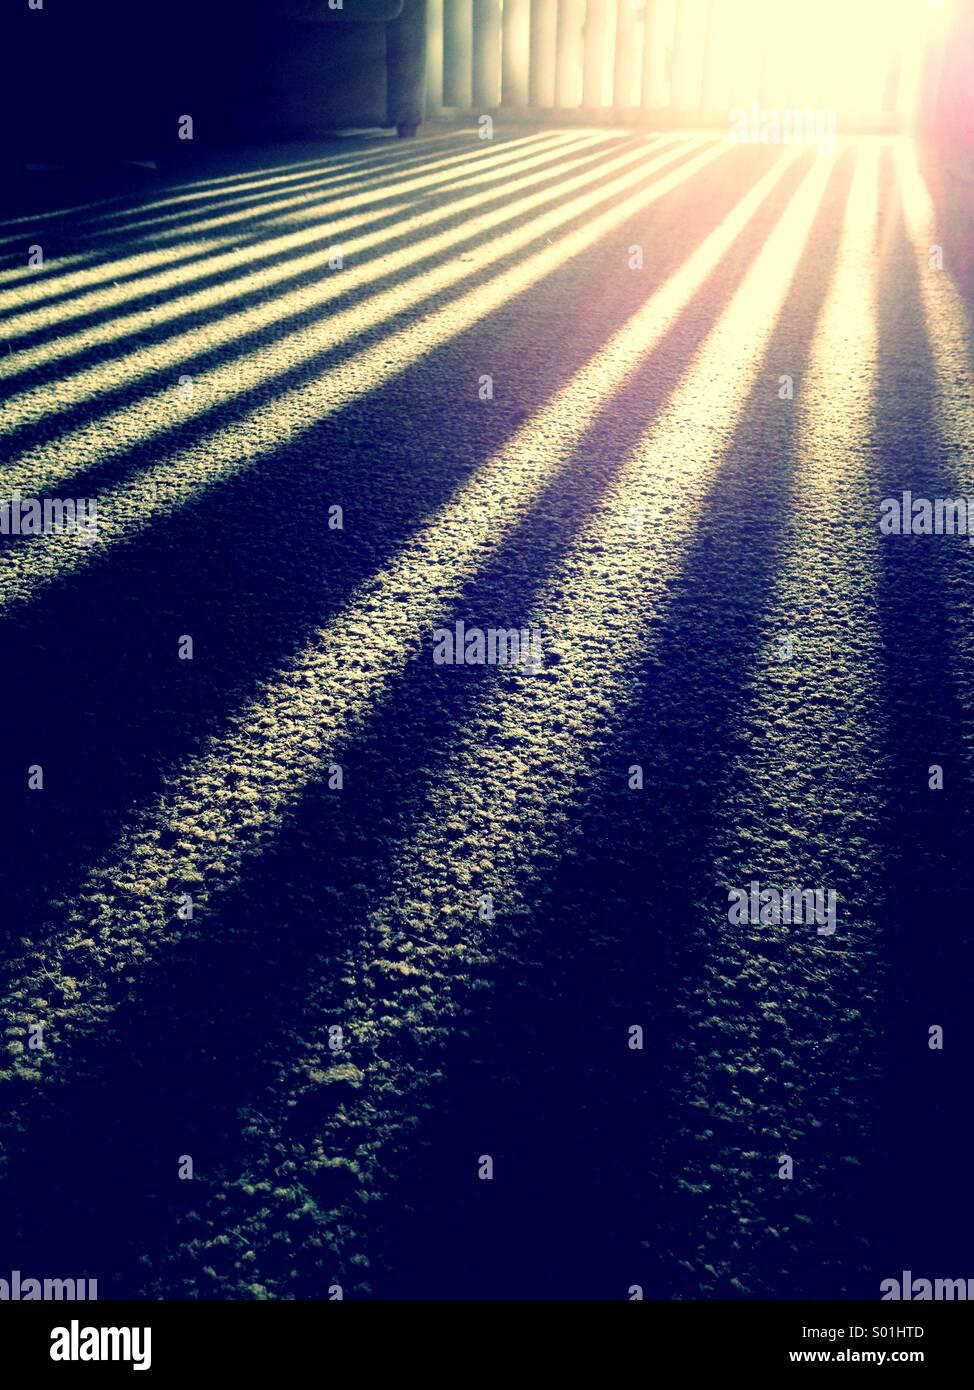 Sonnenlicht durch Jalousien Stockbild